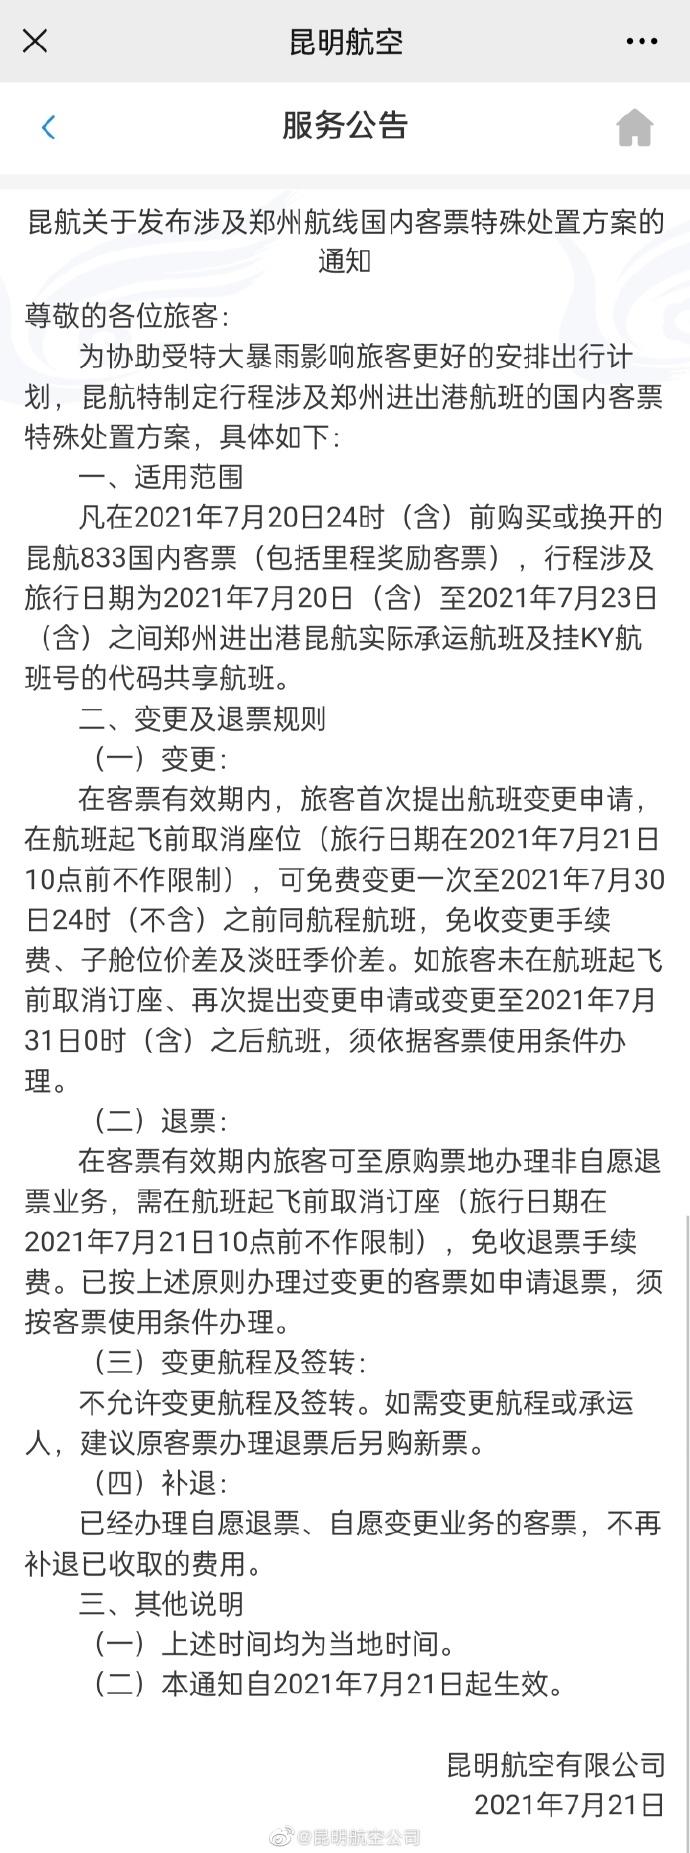 昆明航空——郑州                  来源:昆明航空